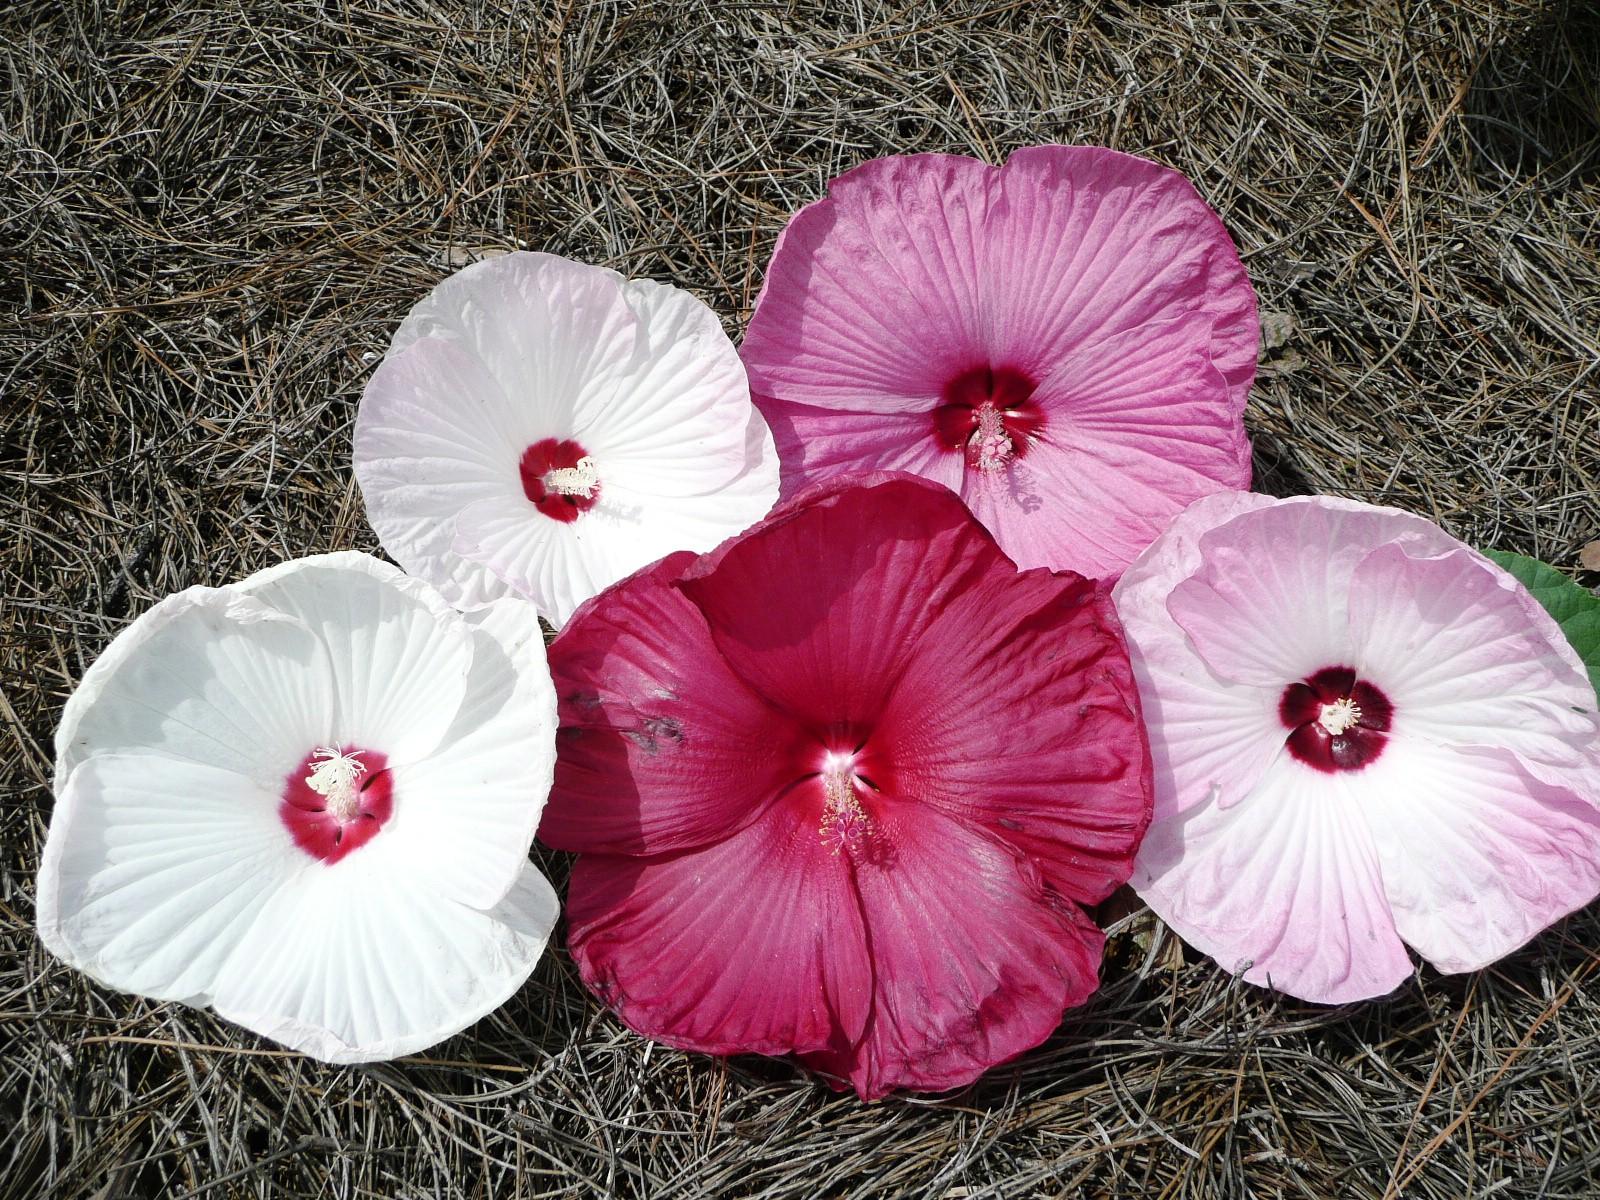 Luna Hibiscus Flowers